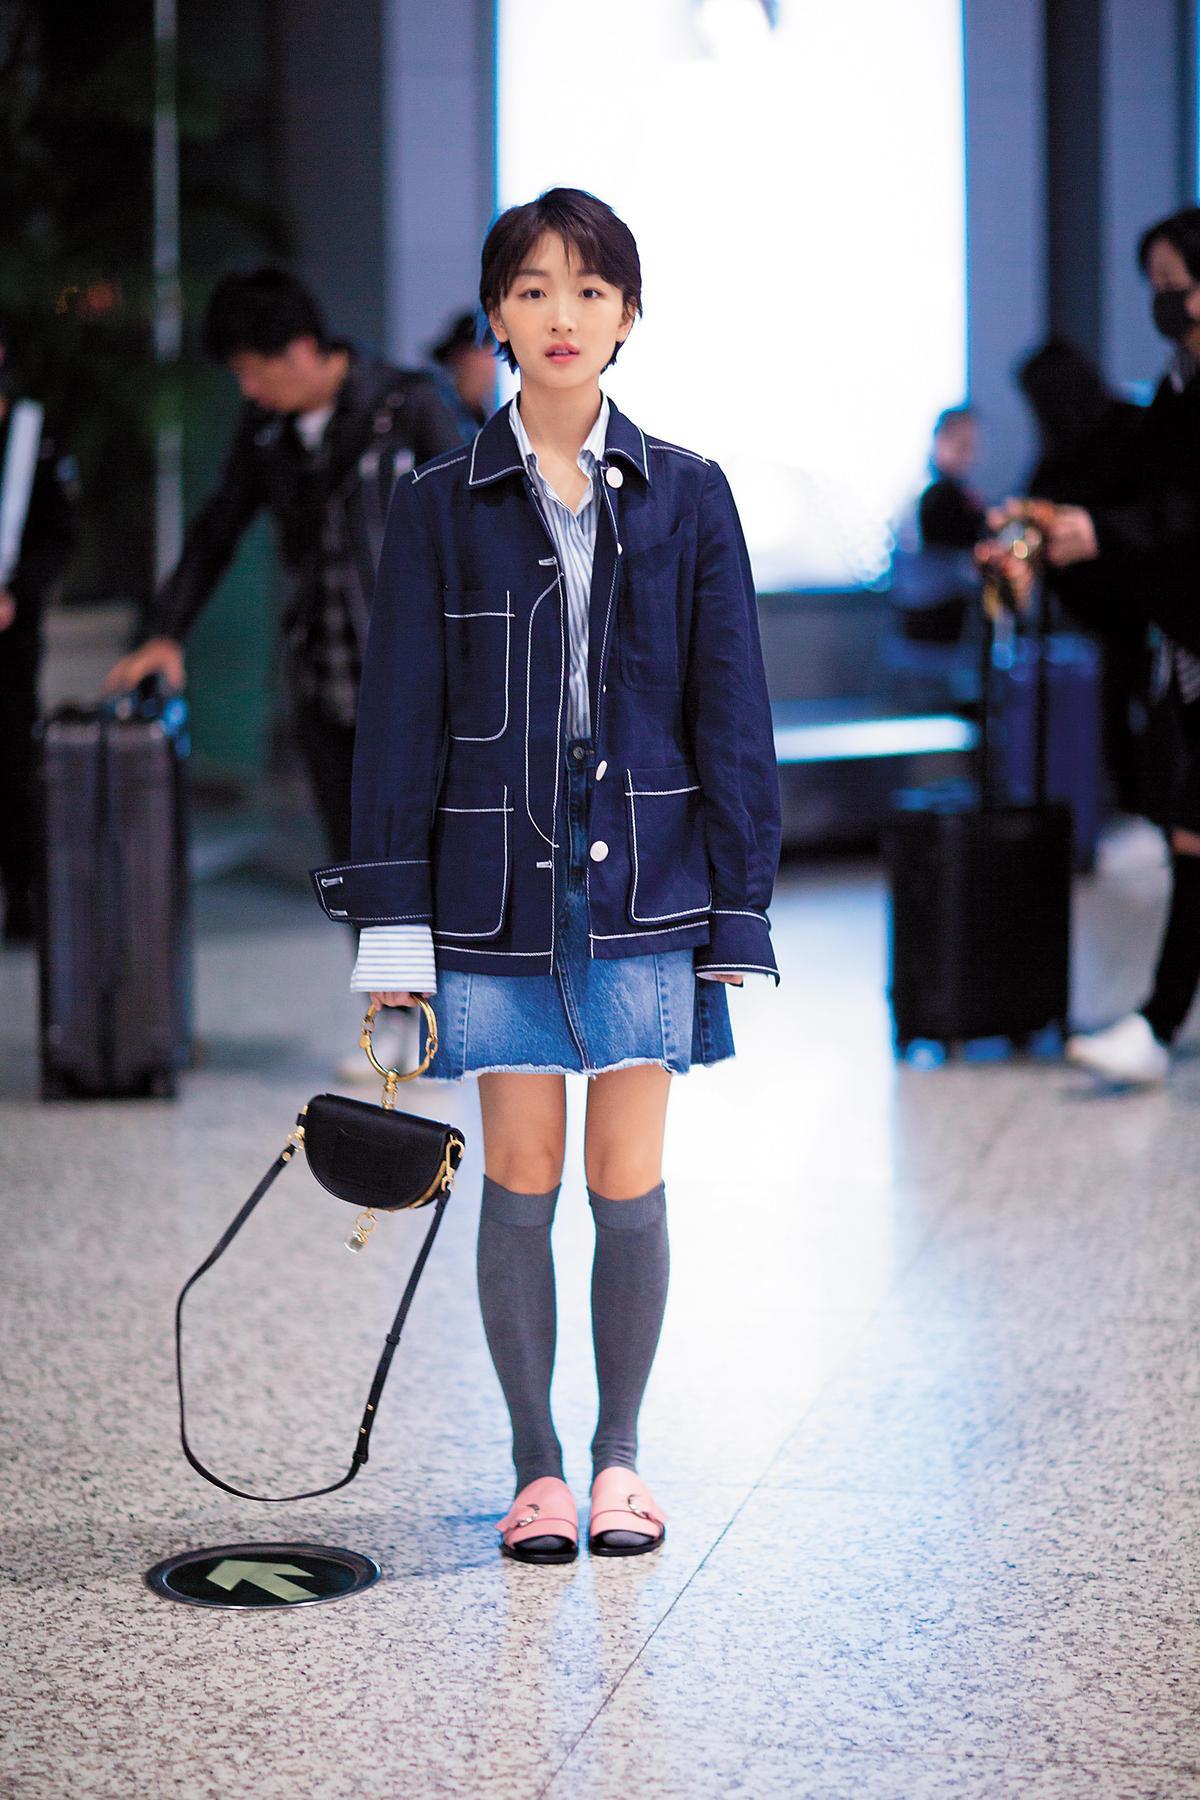 拎著Chloé手袋的周冬雨,以稍微寬鬆的牛仔西裝式外套搭配牛仔短裙,長統襪與粉色拖鞋是另類的學生妹風格,很潮。(東方IC)